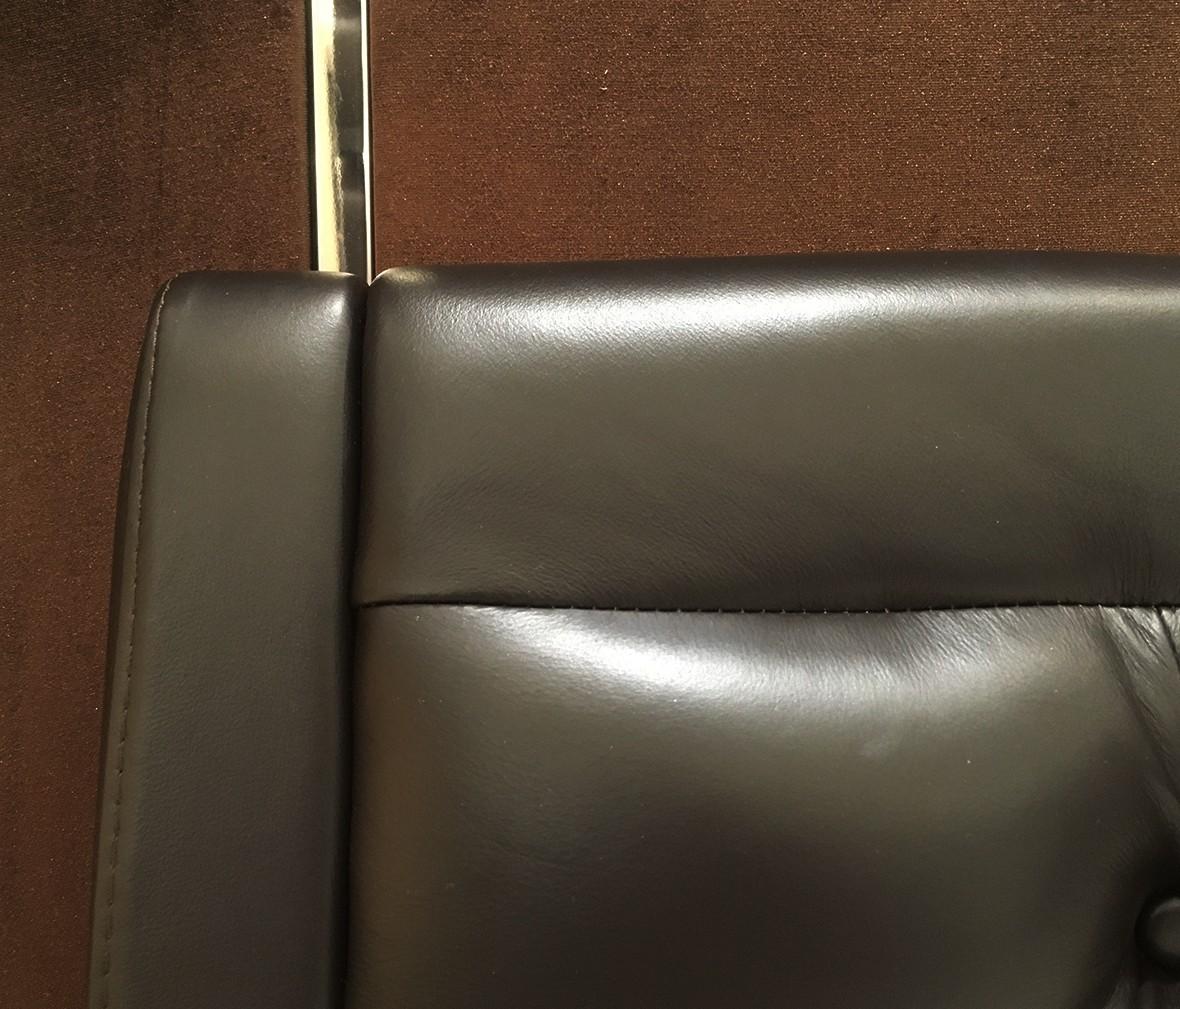 吉梦达 特价梦卡床垫+D1103木架 上等木质材质皮质套床 图片、价格、品牌、评测样样齐全!【蓝景商城正品行货,蓝景丽家大钟寺家居广场提货,北京地区配送,领券更优惠,线上线下同品同价,立即购买享受更多优惠哦!】